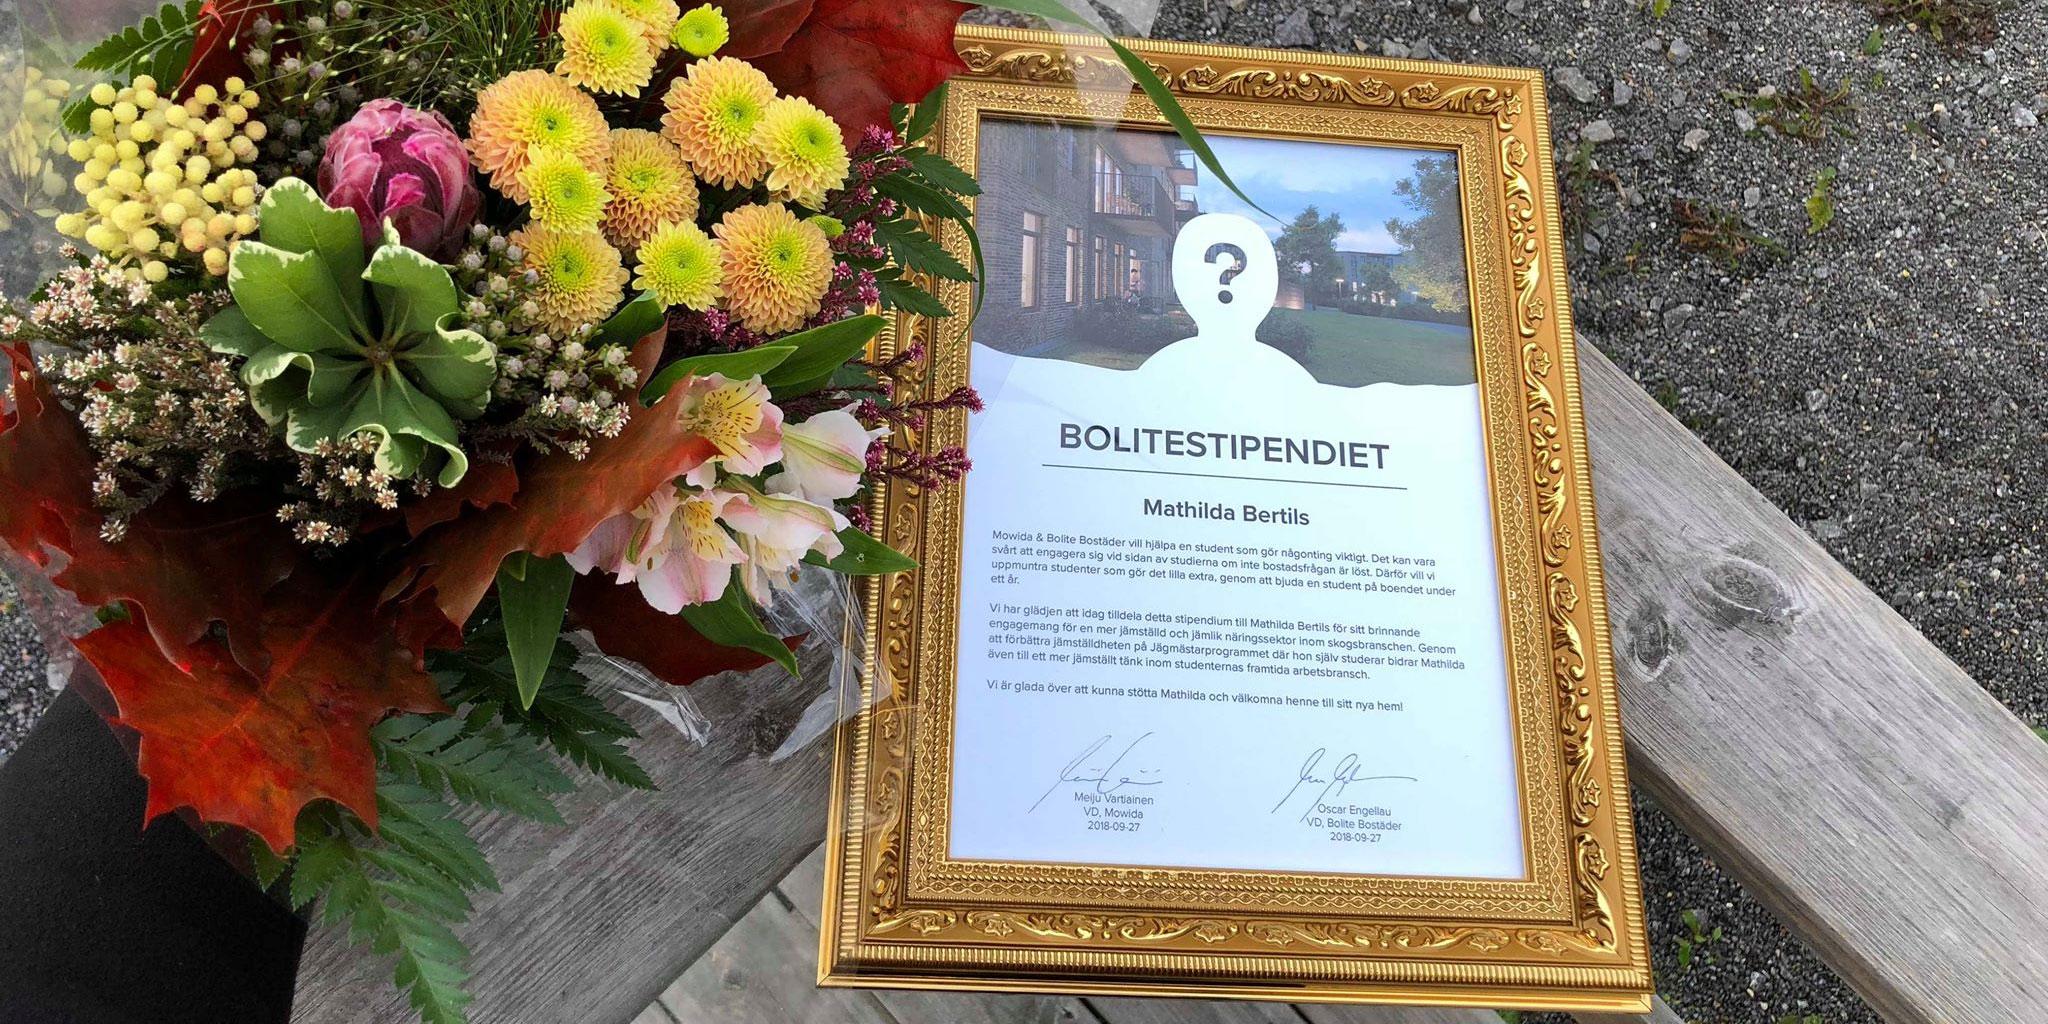 Blommor och diplom till Mathilda Bertils som bevis för det Bolitestipendium hon får av Mowida och Bolite.